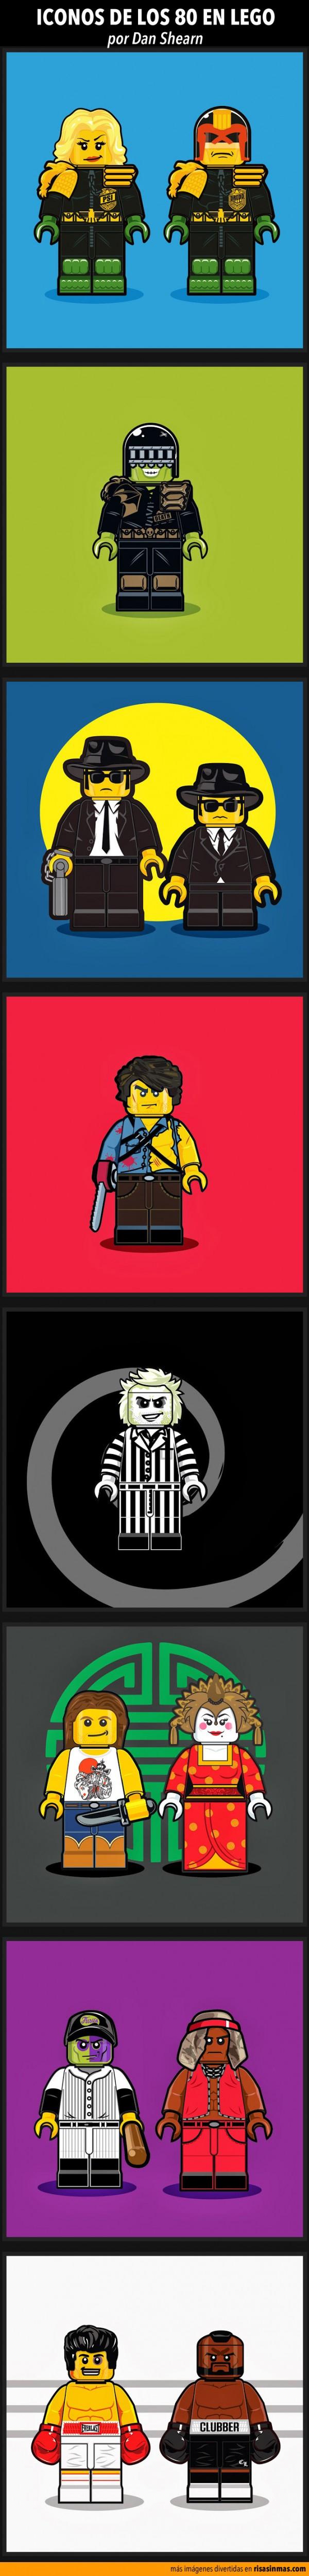 Iconos de los 80 en LEGO